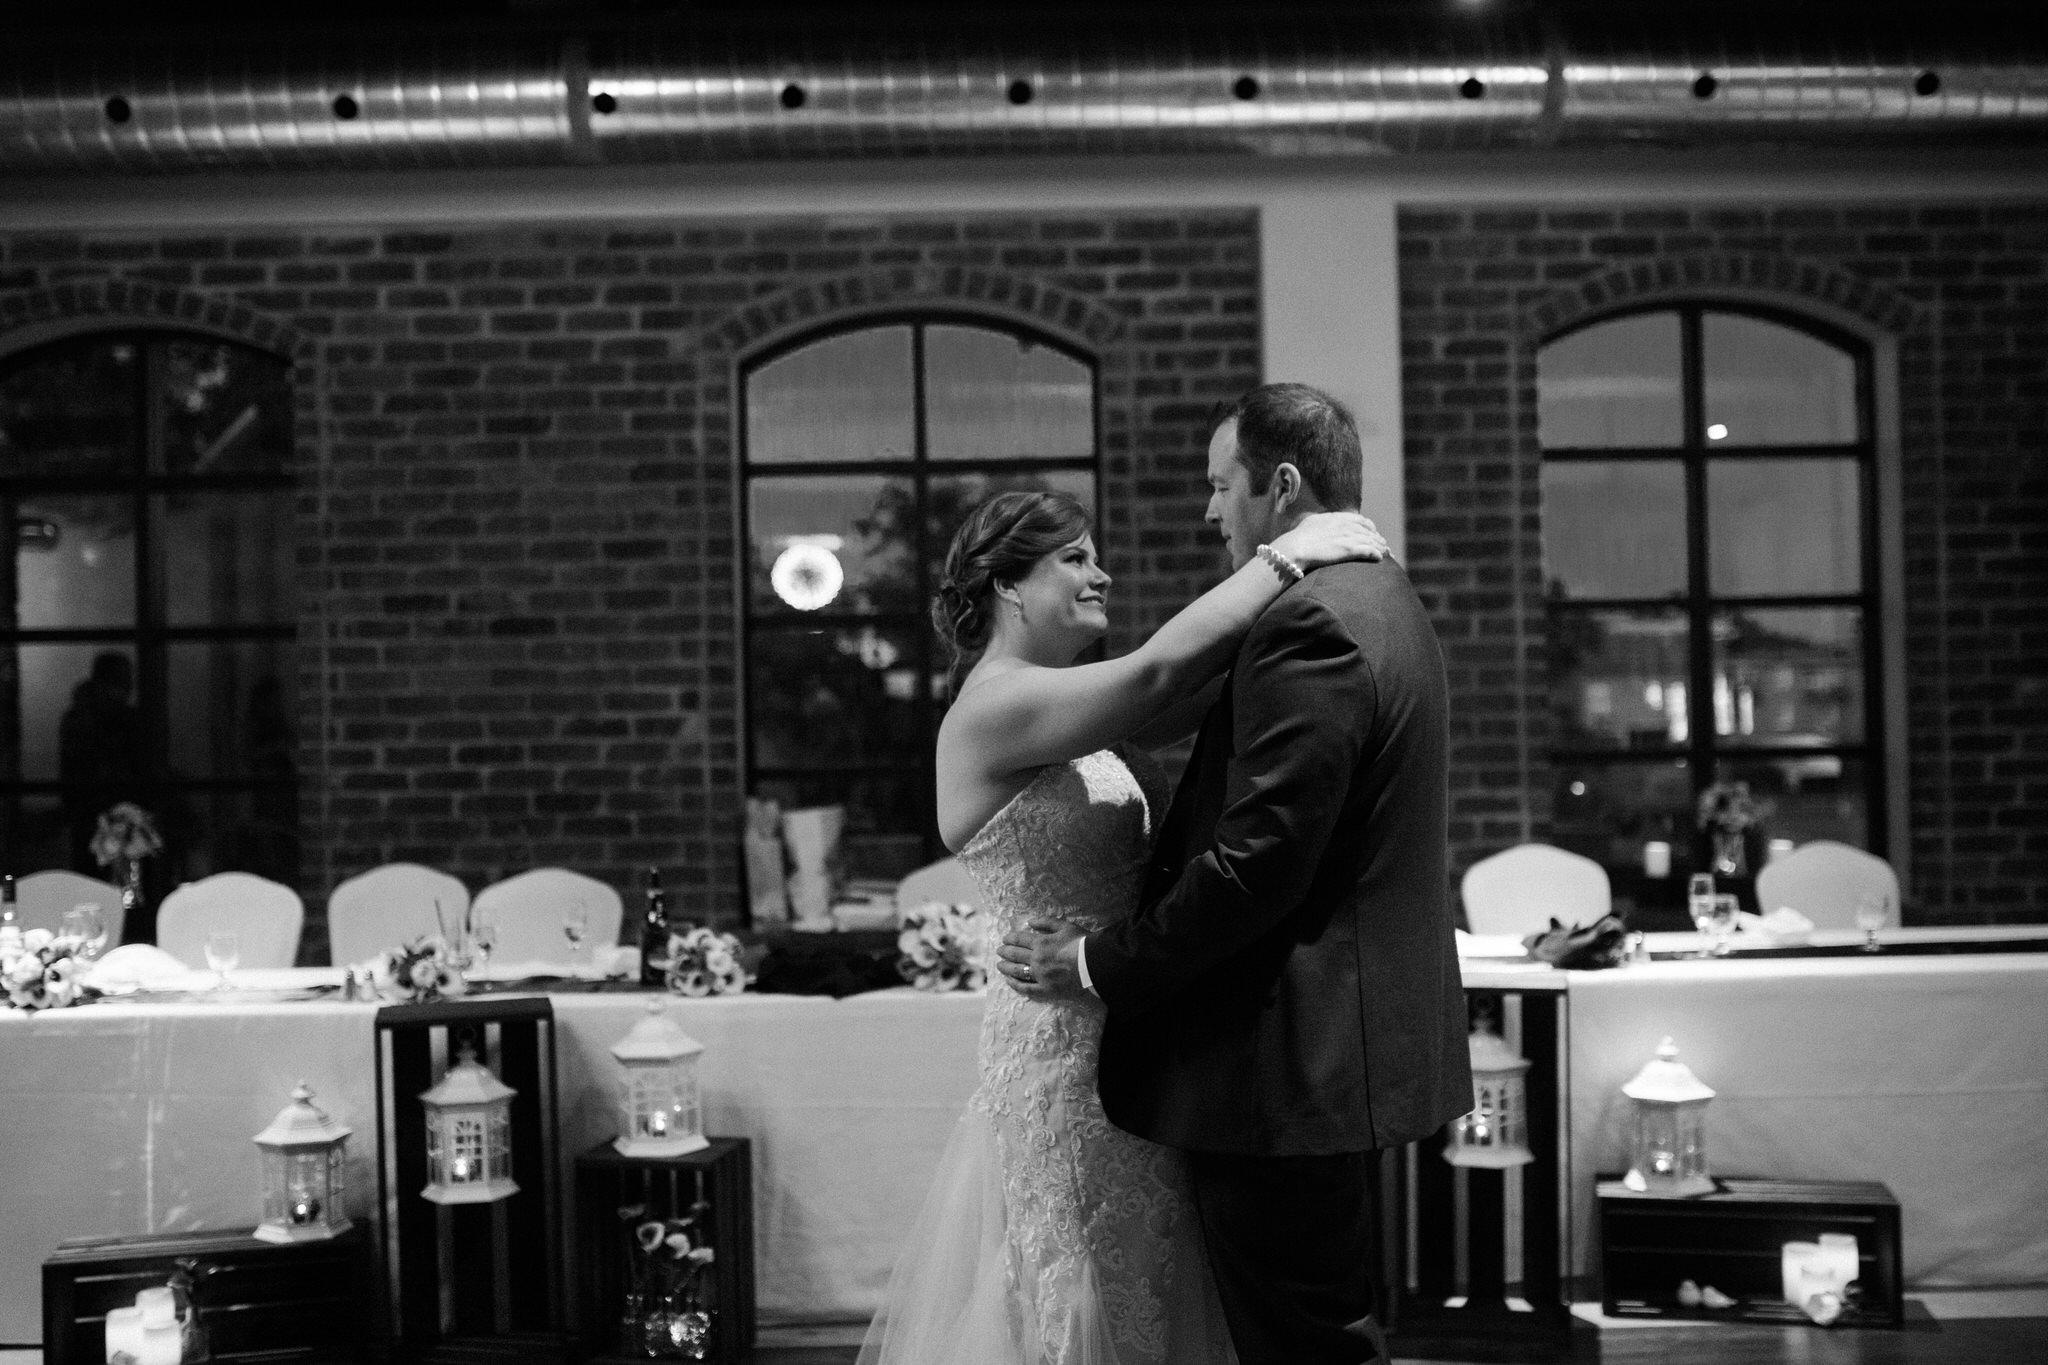 Brock Street Brewing Co. Wedding - first dance